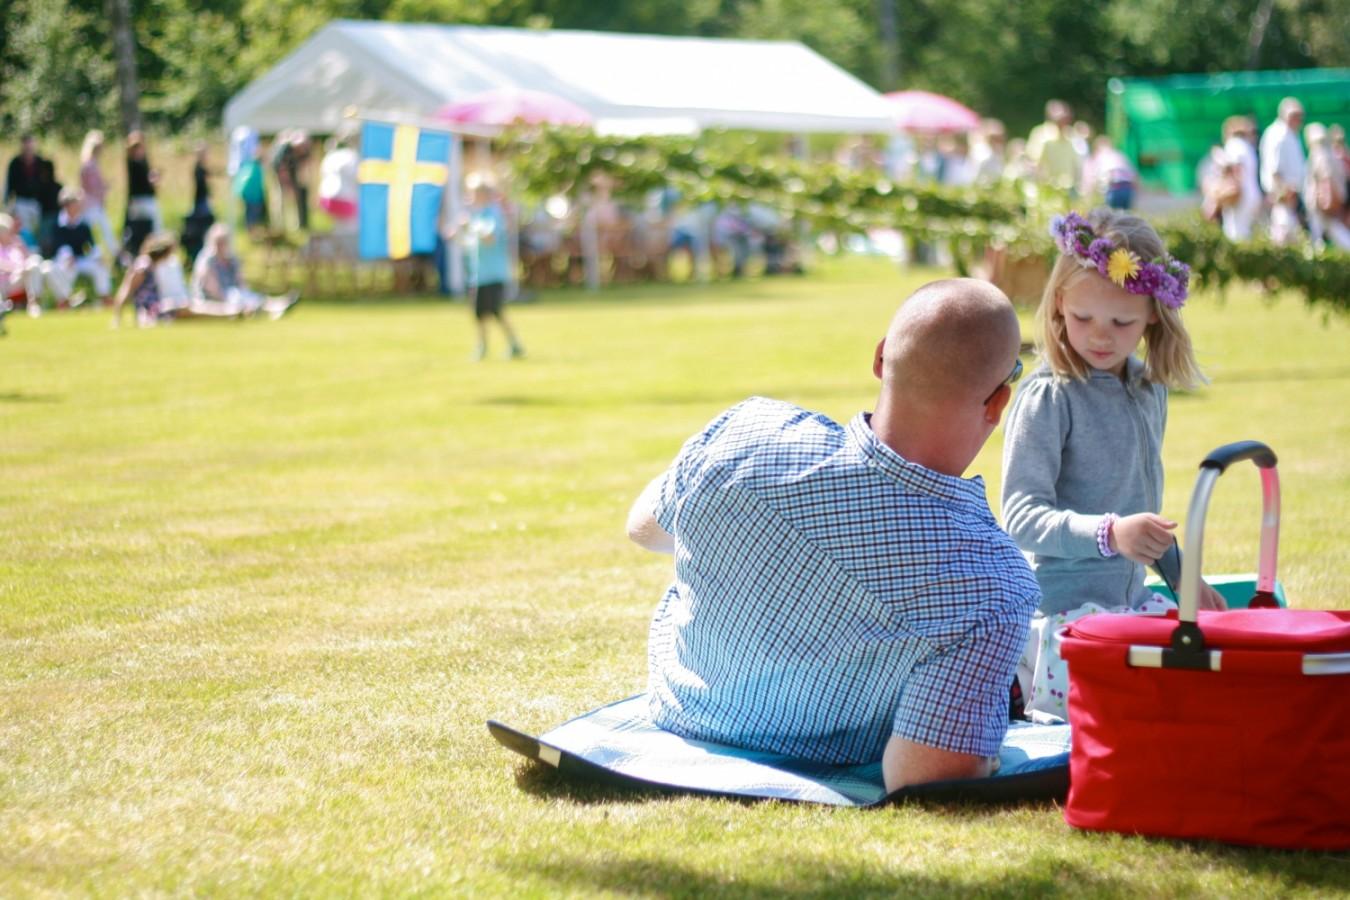 Virágkoszorú, tengerészsapka és máglya - a svéd ünnepek legfőbb kellékei